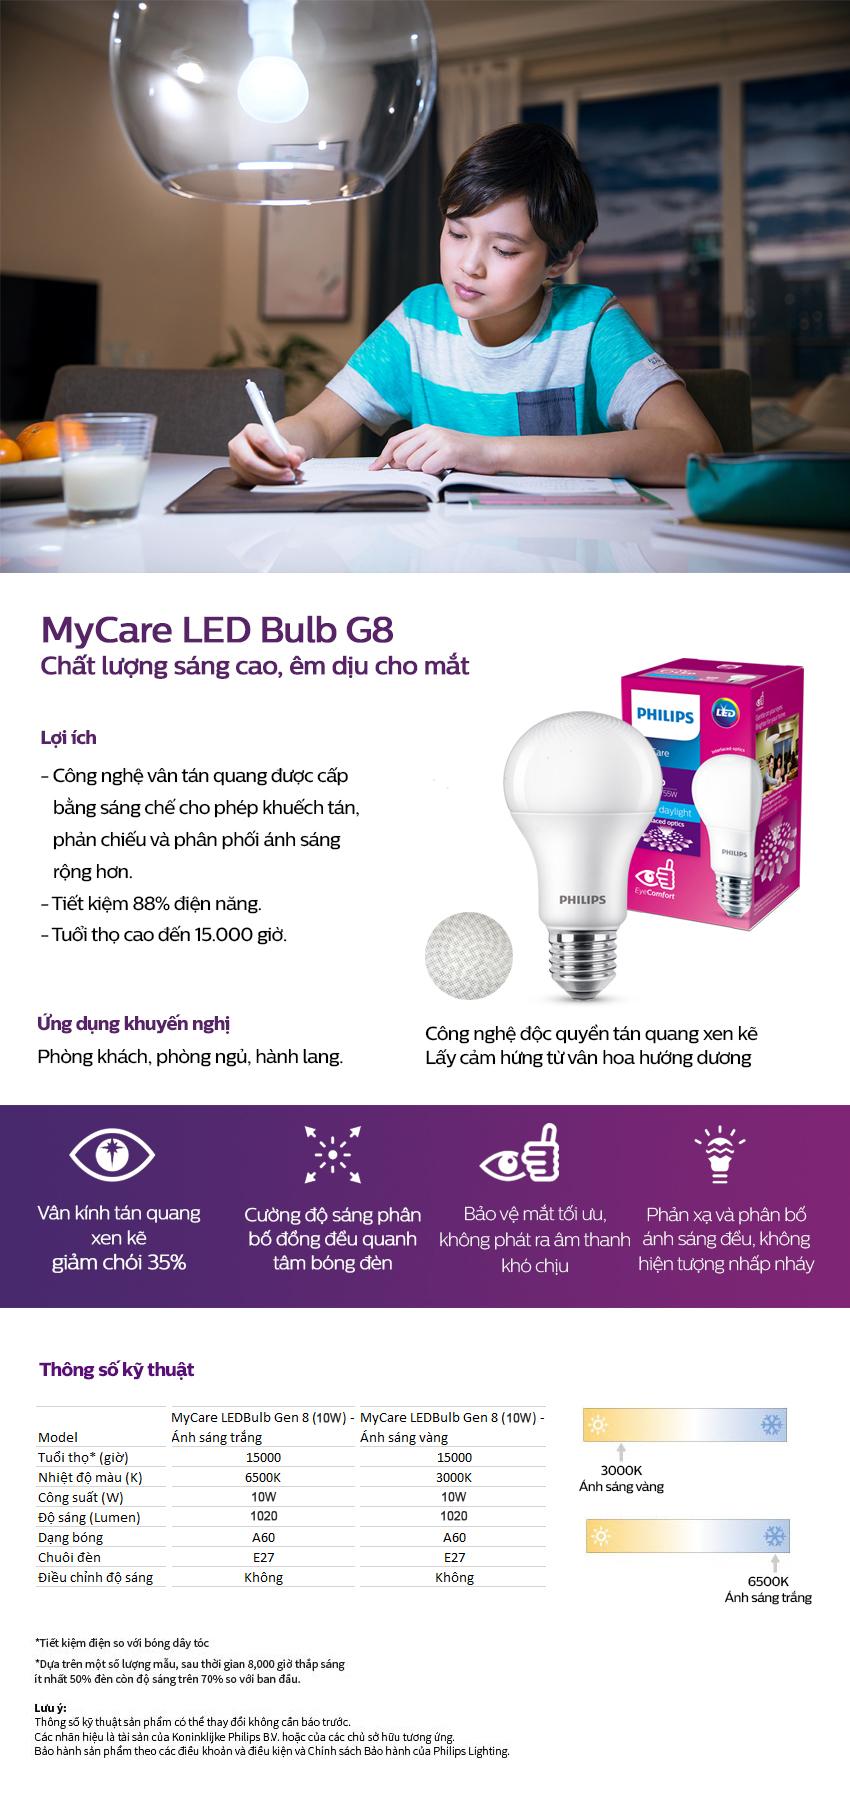 Bóng đèn Philips LED MyCare 10W 3000K E27 A60 929001915737 - Ánh sáng vàng